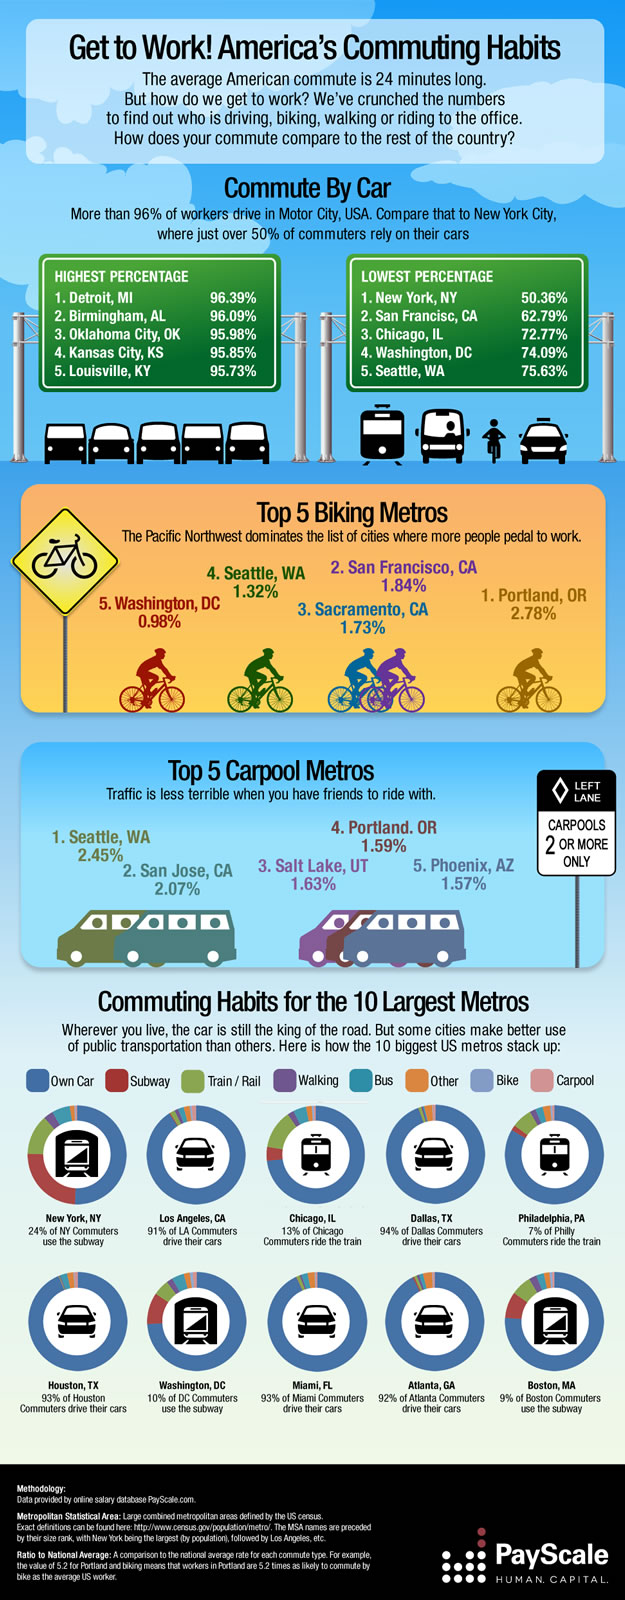 America's Commuting Habits